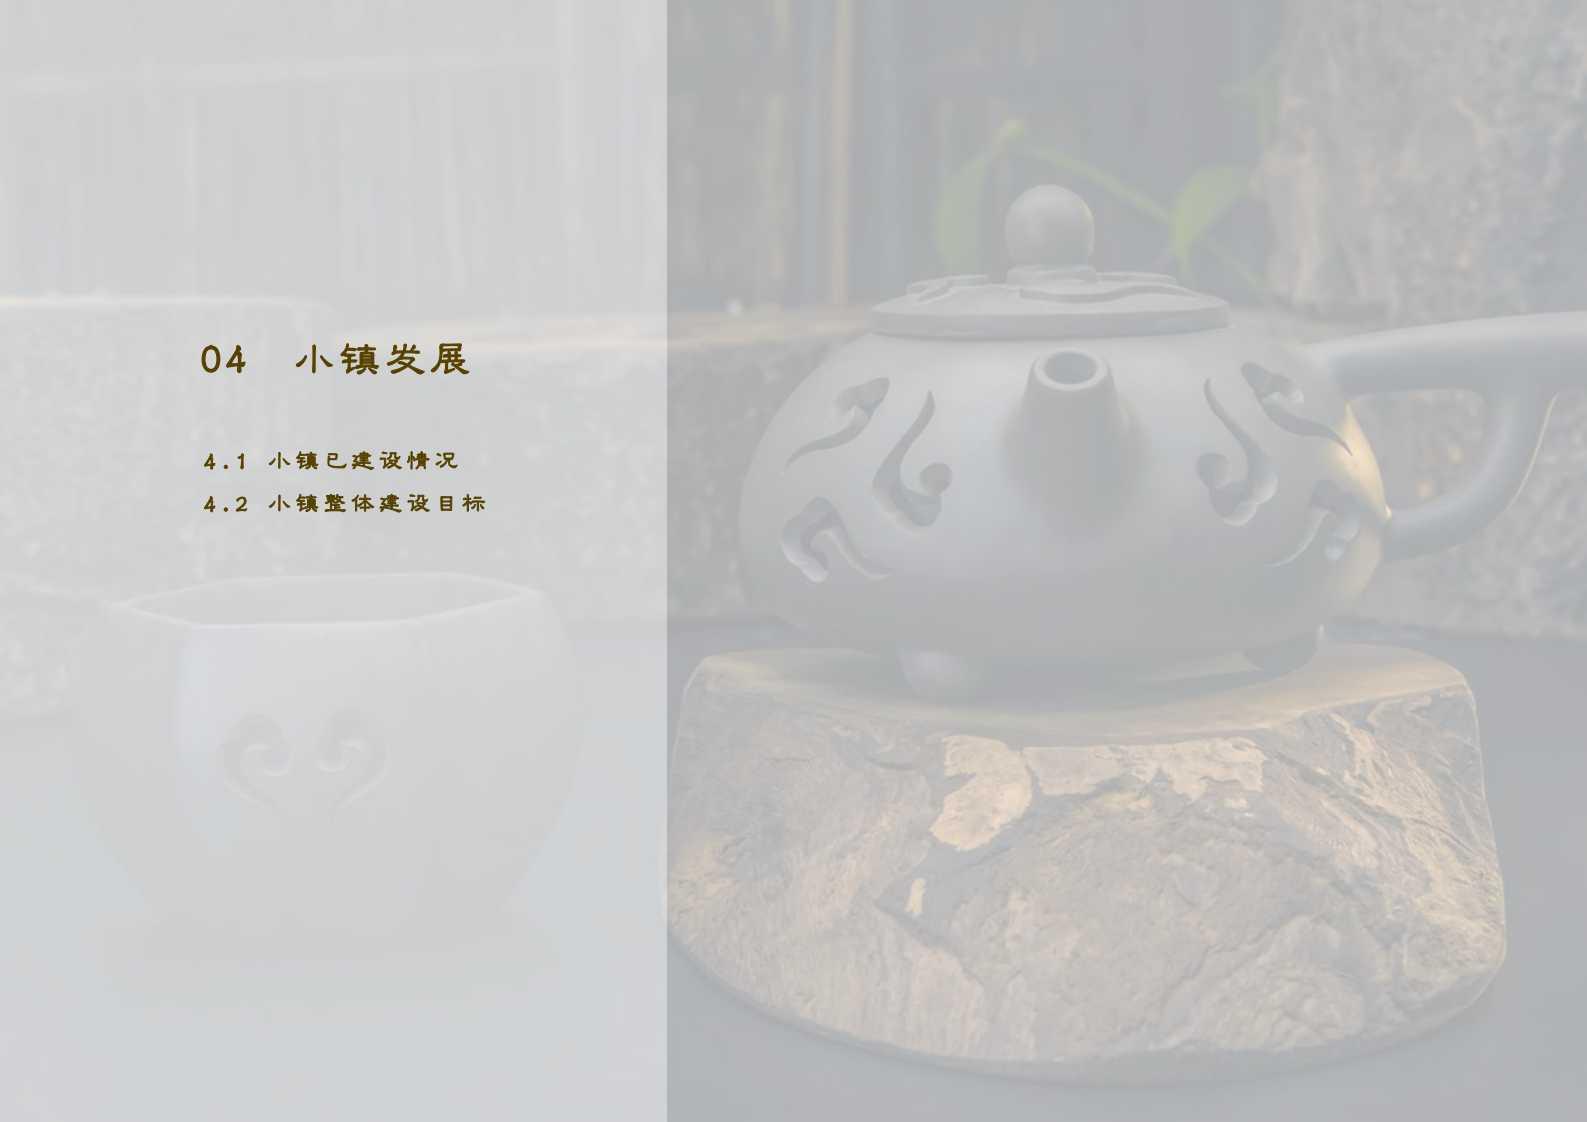 钦州坭兴陶特色小镇项目简介(4)_25.png